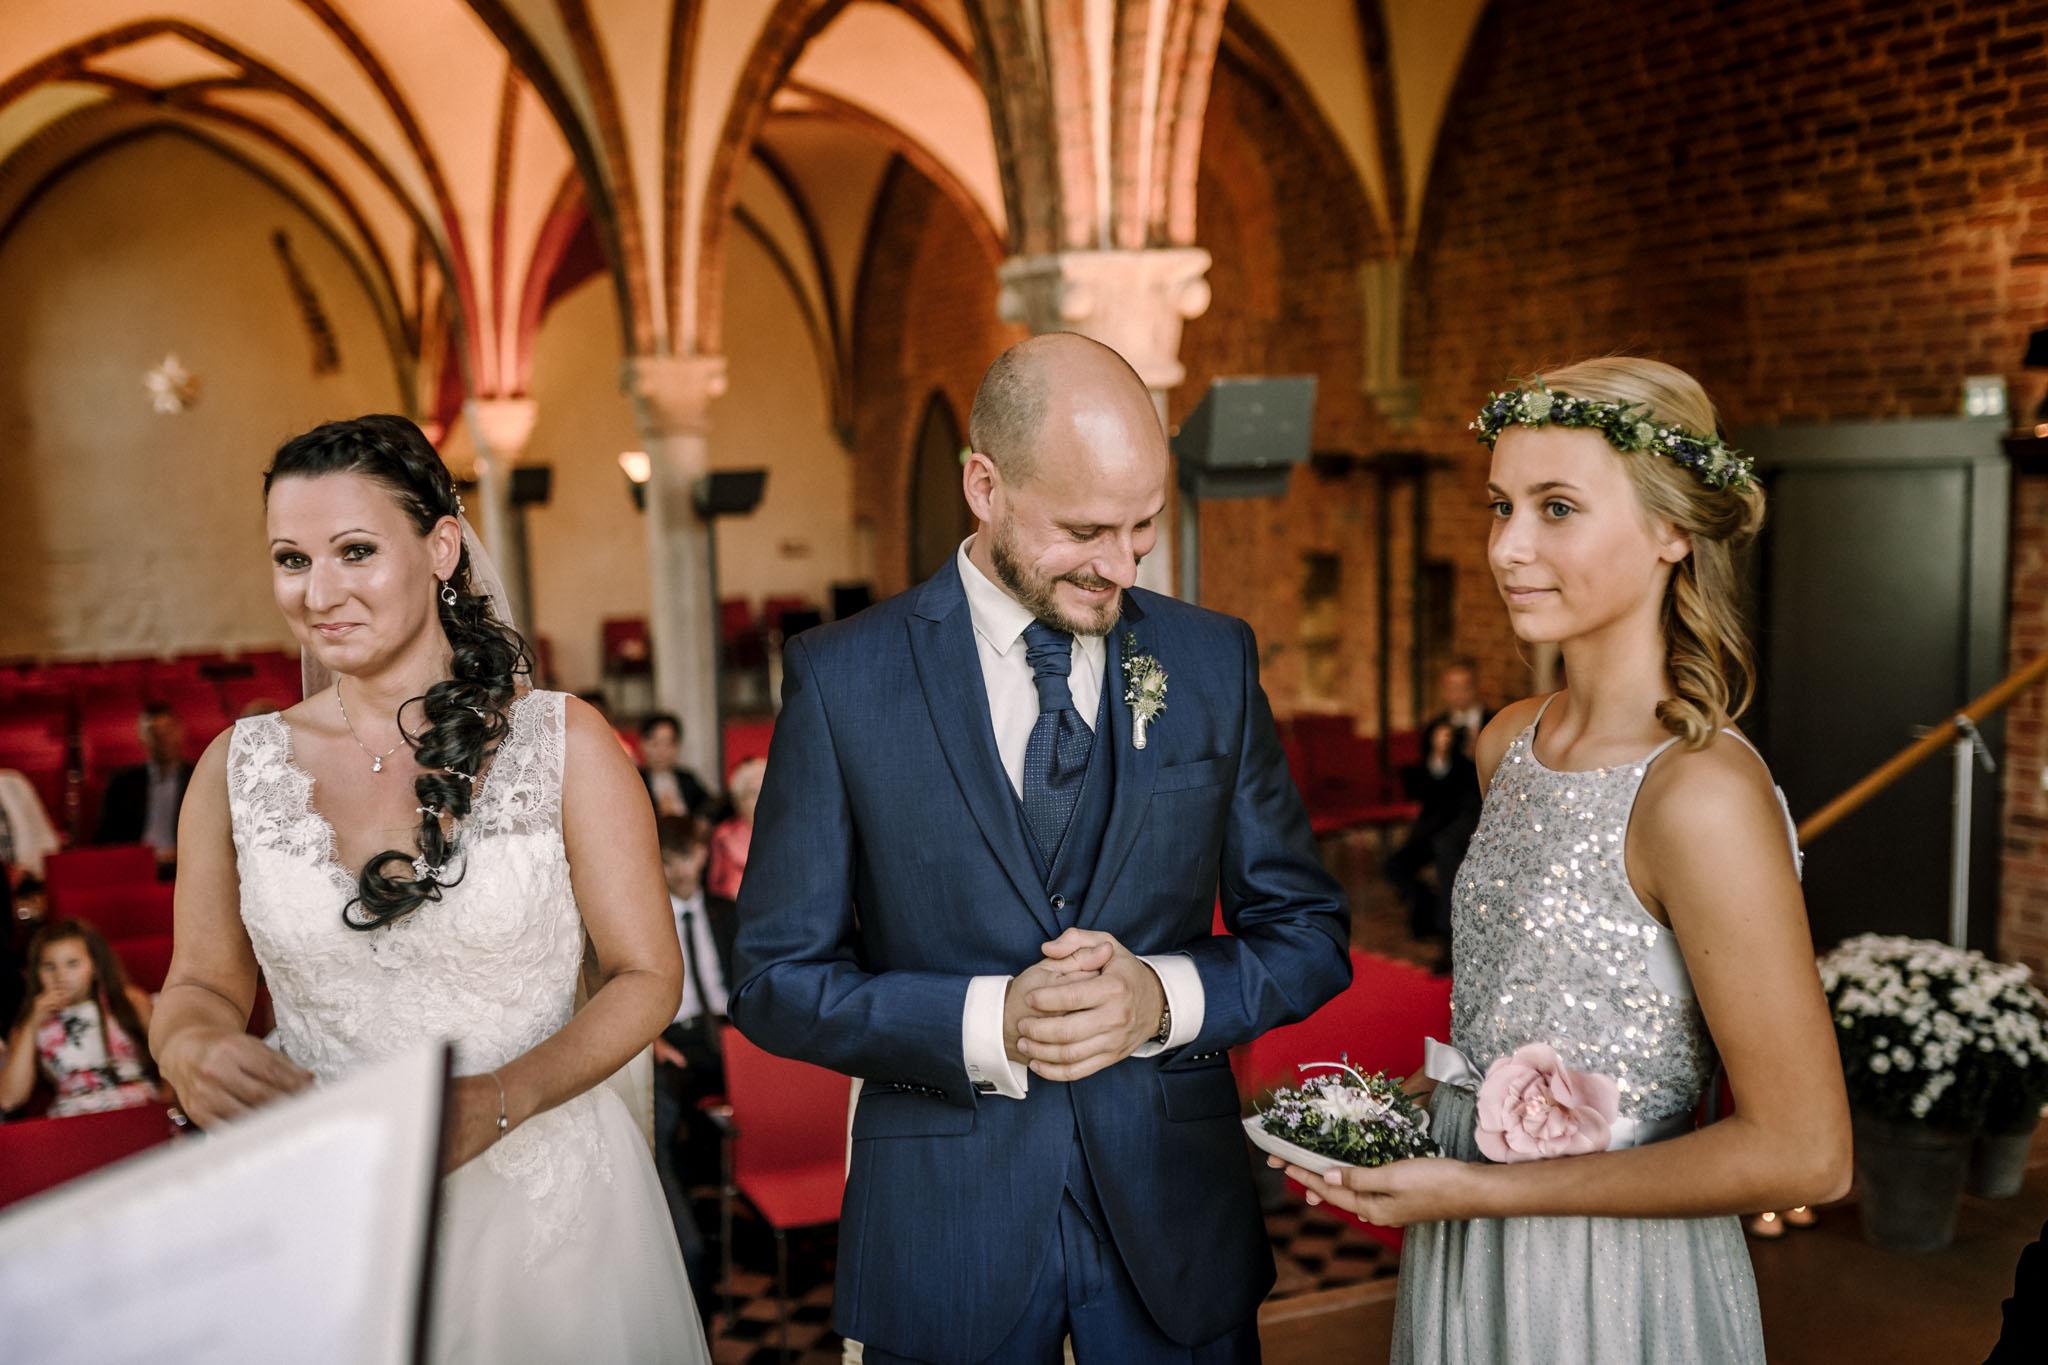 Hochzeitsfieber by Photo-Schomburg, Hochzeitsfotograf, Hamburg,Hochzeitstag, Hochzeitspaar, Braut, Bräutigam, Literaturhauscafe Zarrentin-40